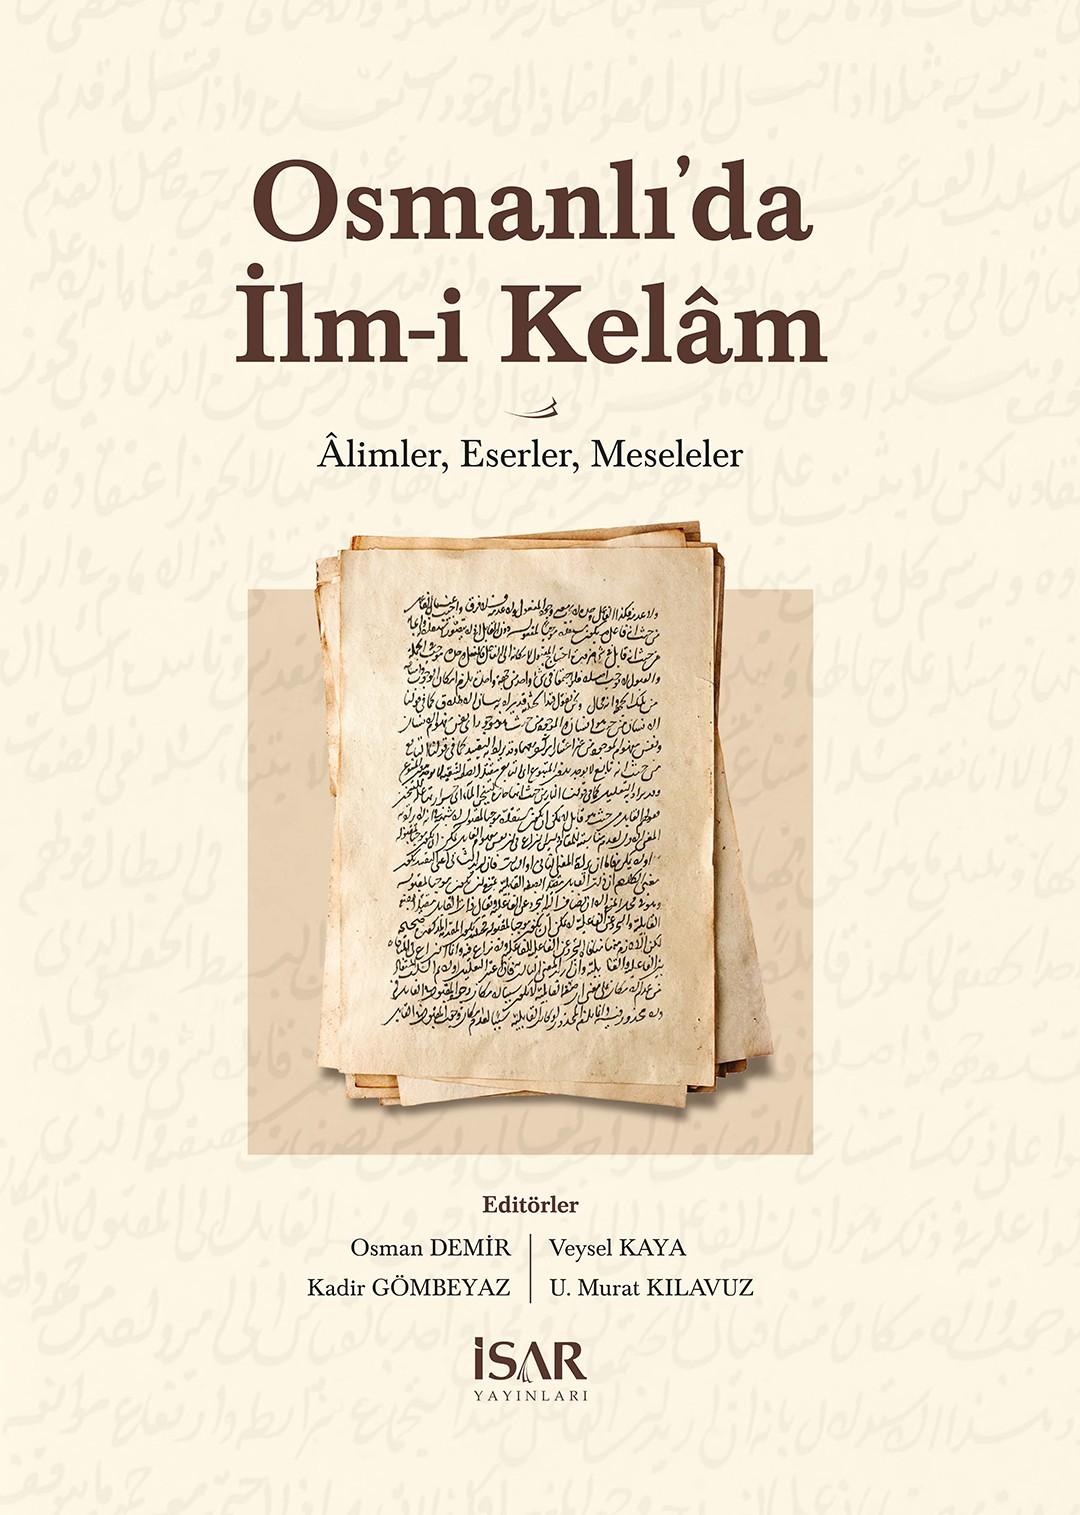 Osmanlı'da İlm-i Kelâm <br> Âlimler, Eserler, Meseleler